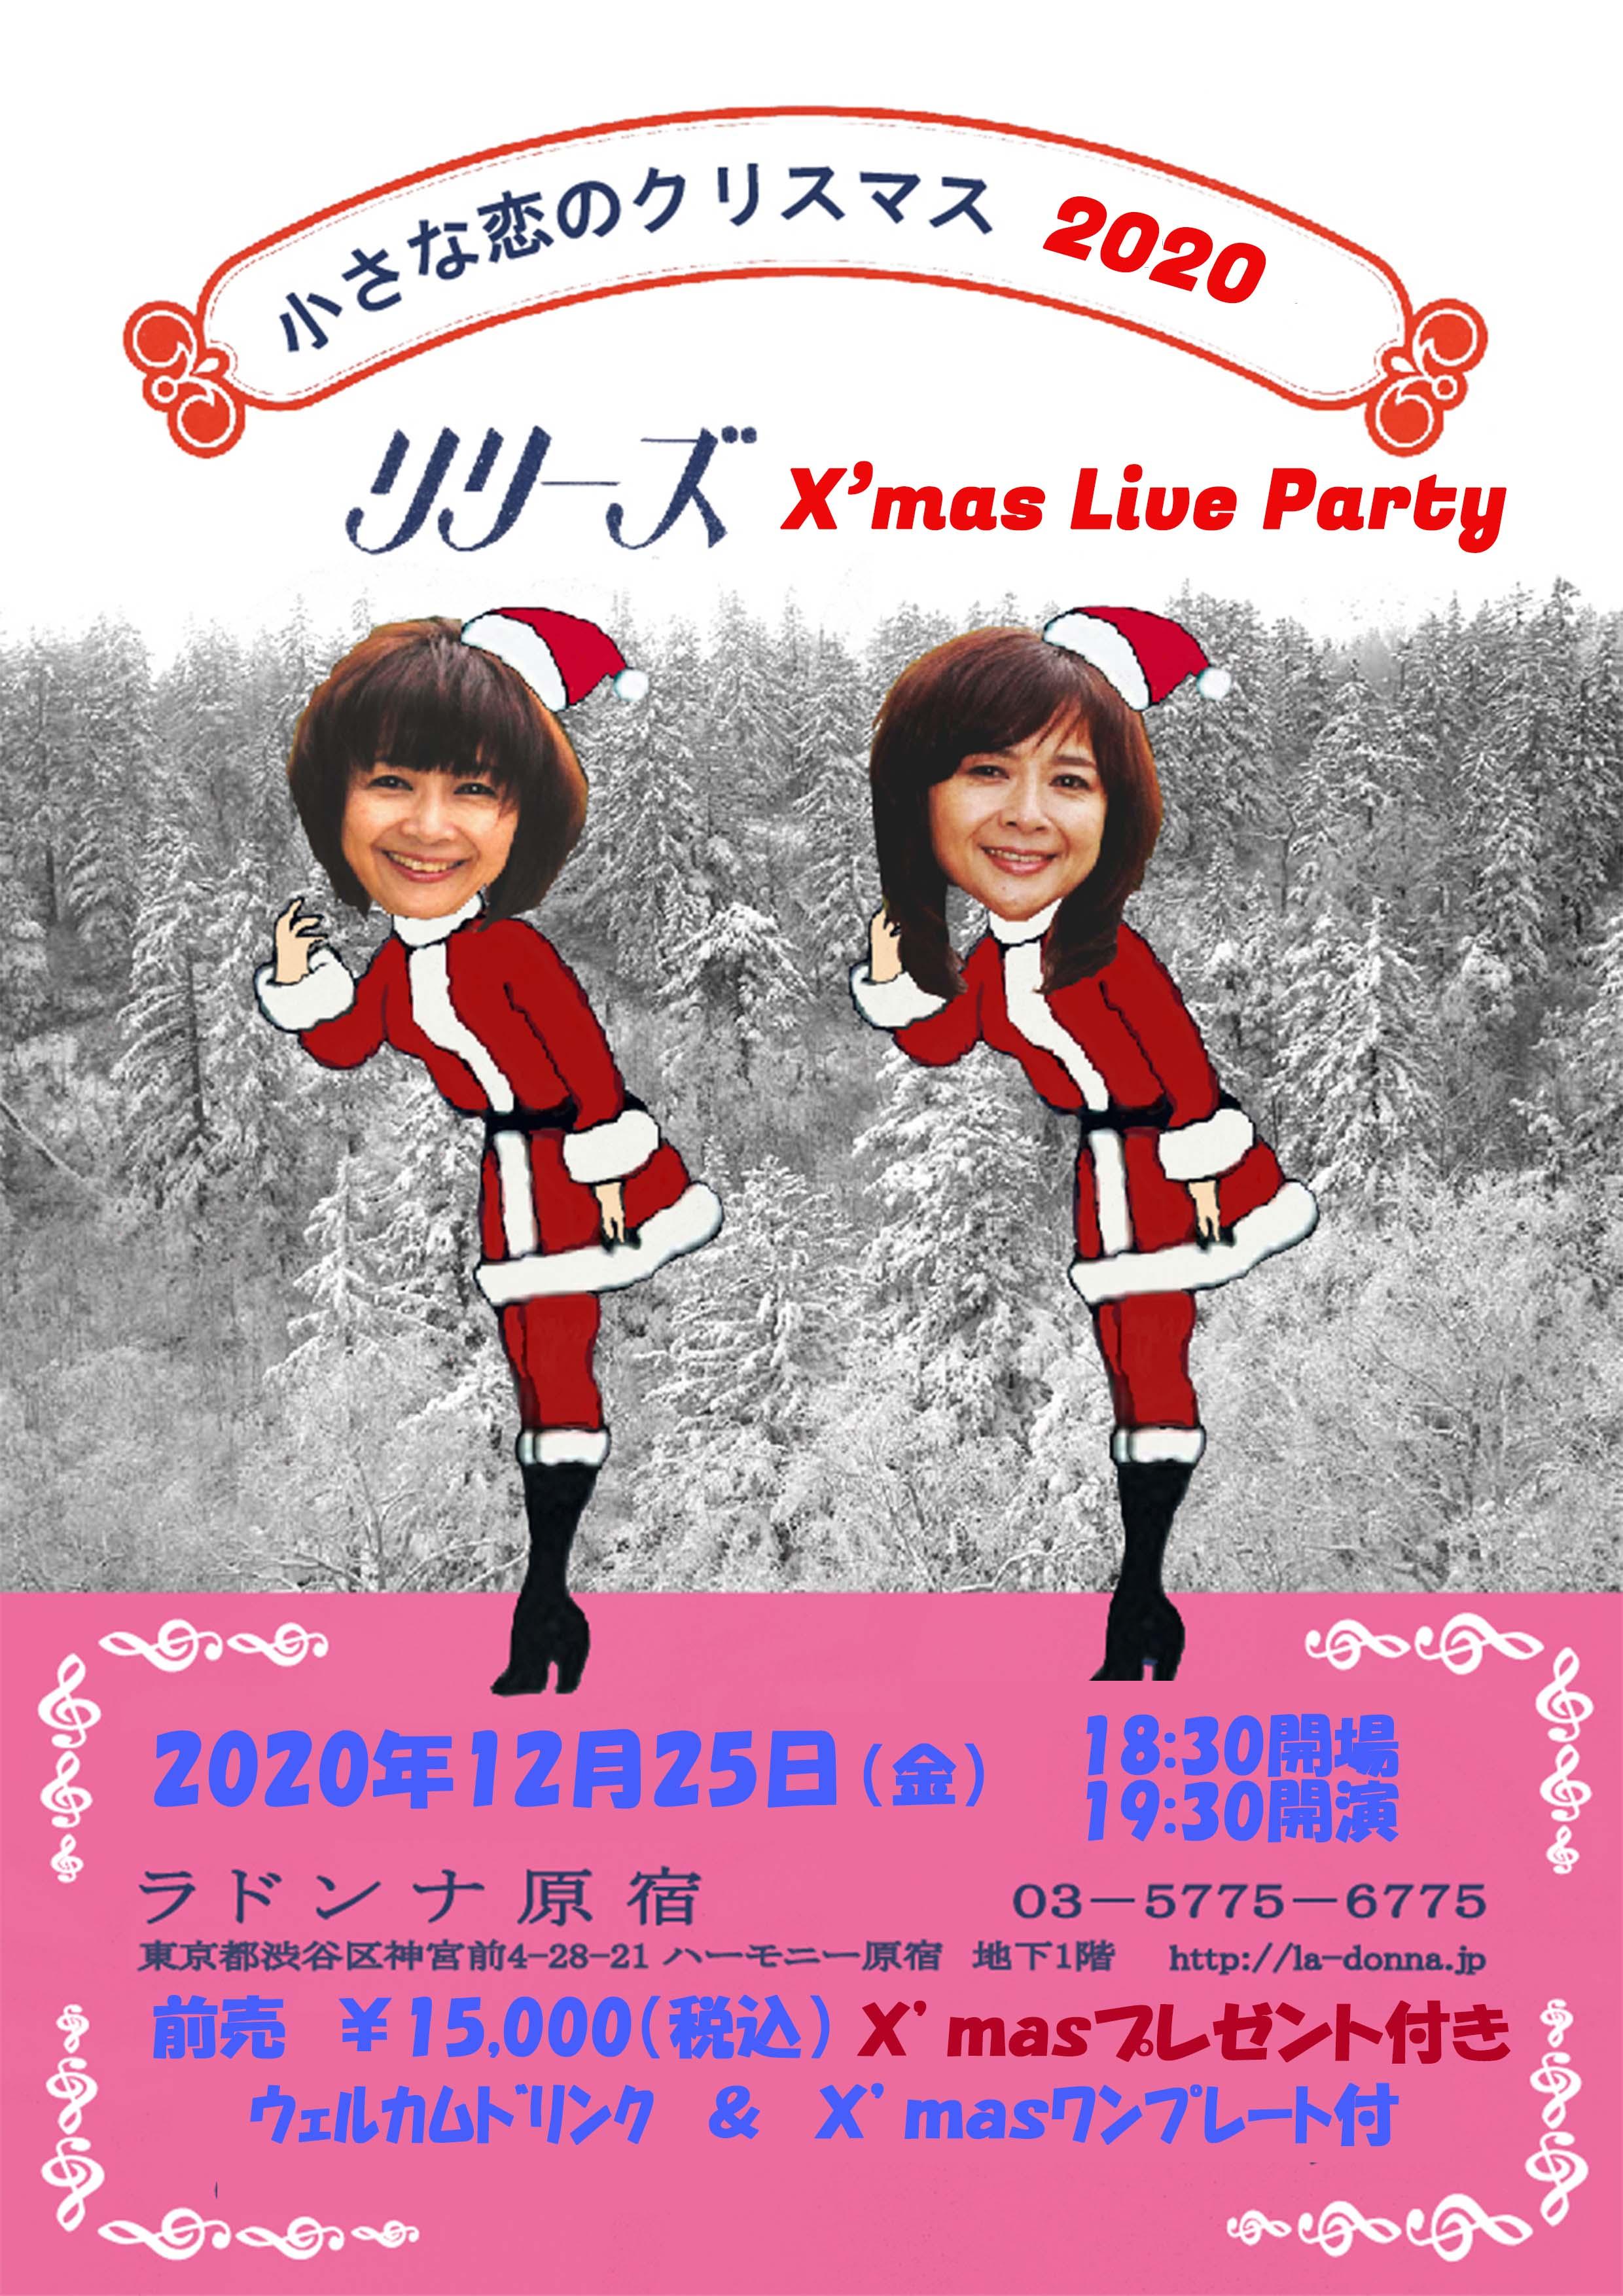 リリーズ X'mas Live Party  ~小さな恋のクリスマス2020~